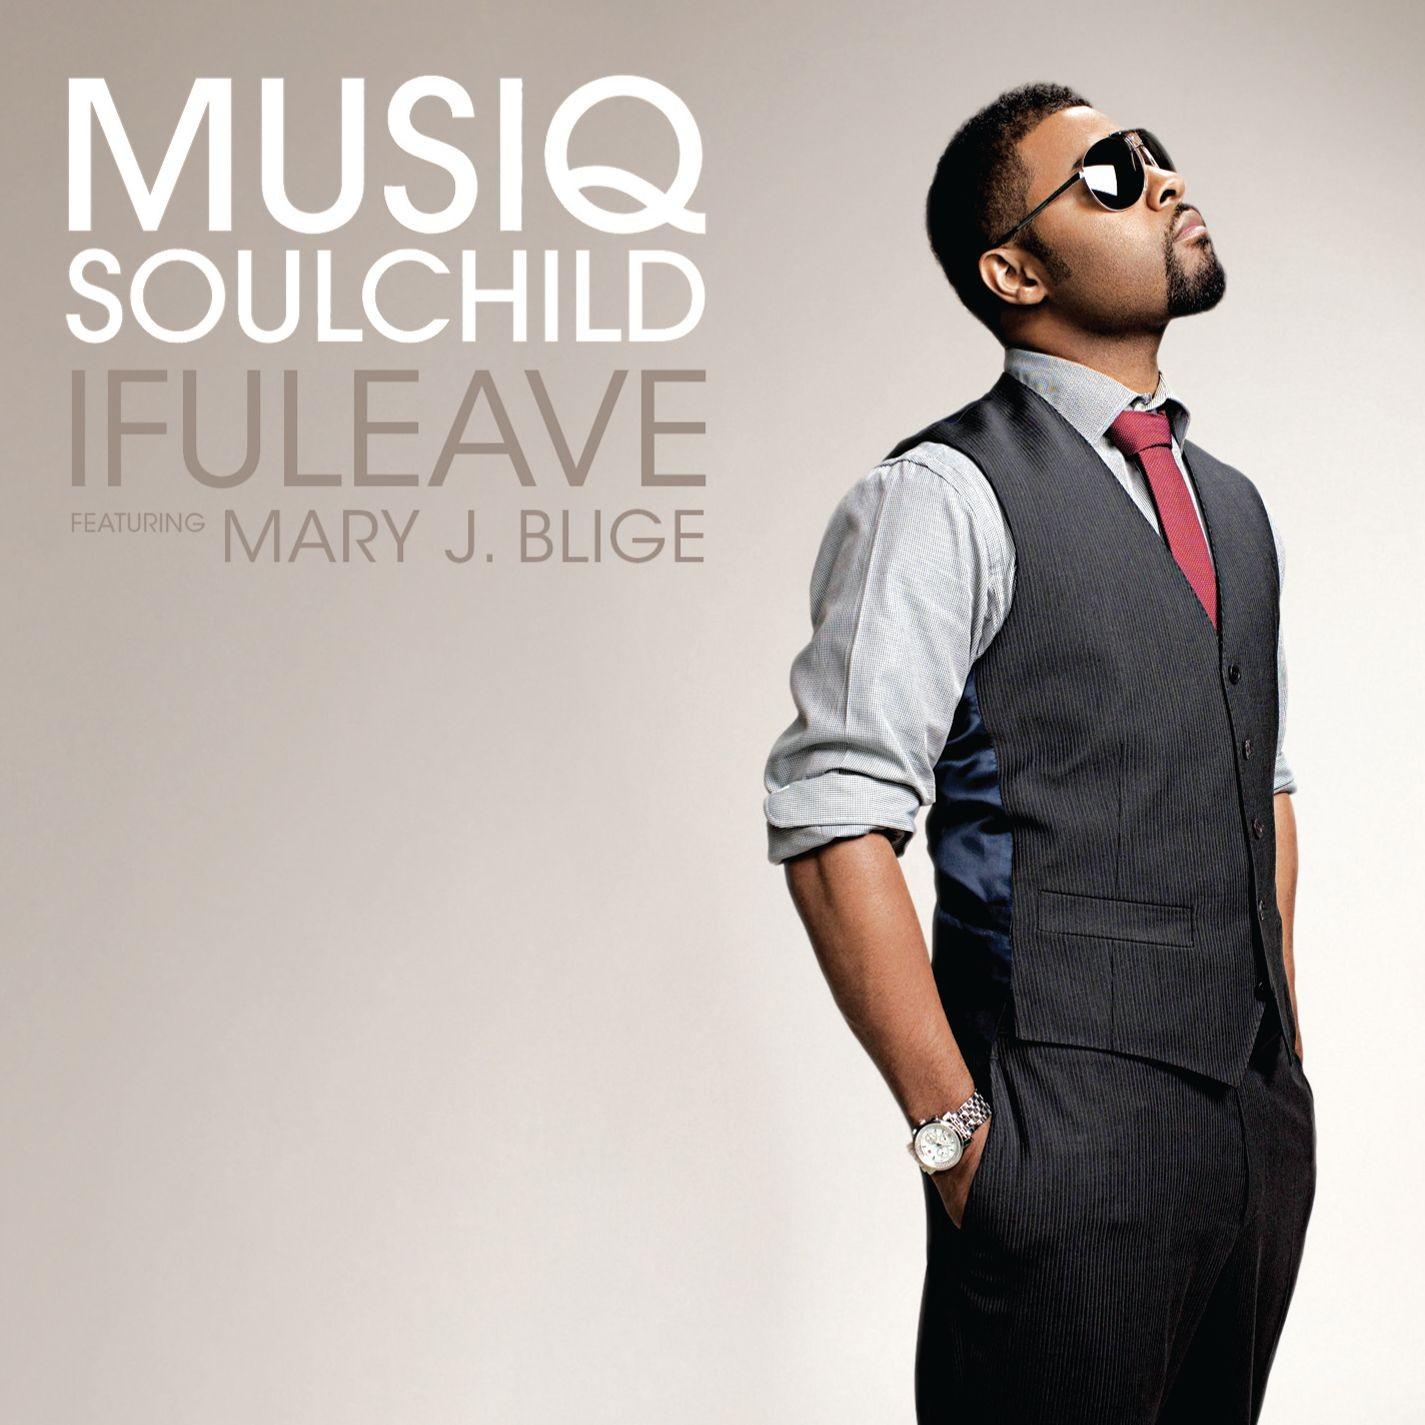 Popn Underground Music: Musiq Soulchild